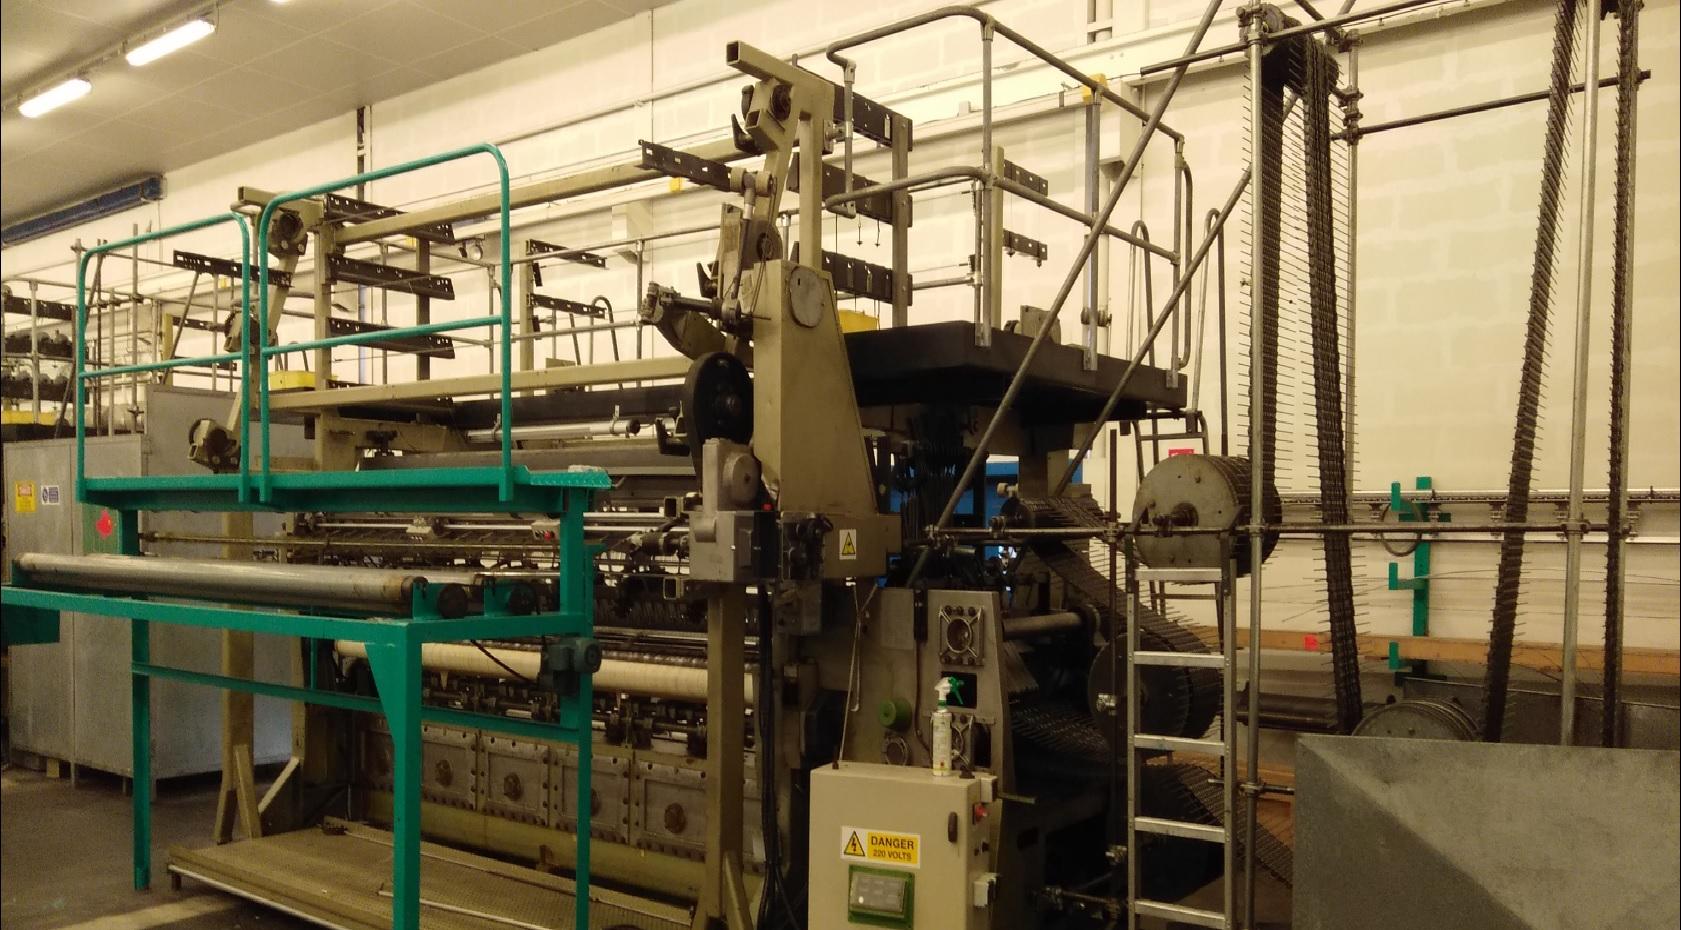 R20/4 Twistex Karl Mayer lace machine MRES24EH